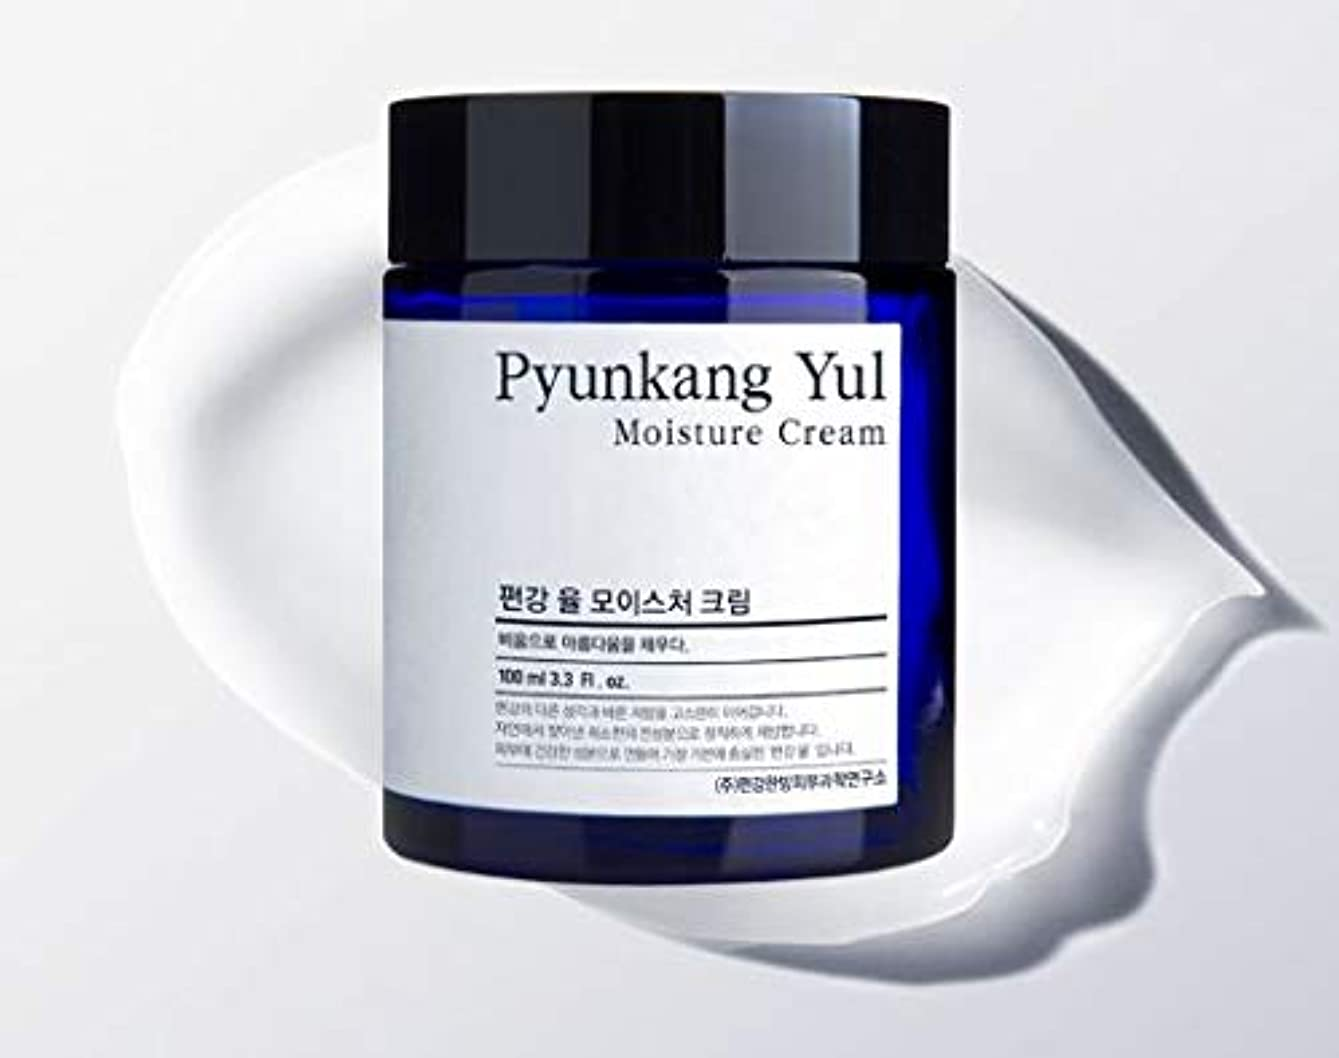 蒸留接続された列車[Pyunkang Yul] Moisture Cream 100ml /モイスチャークリーム 100ml [並行輸入品]